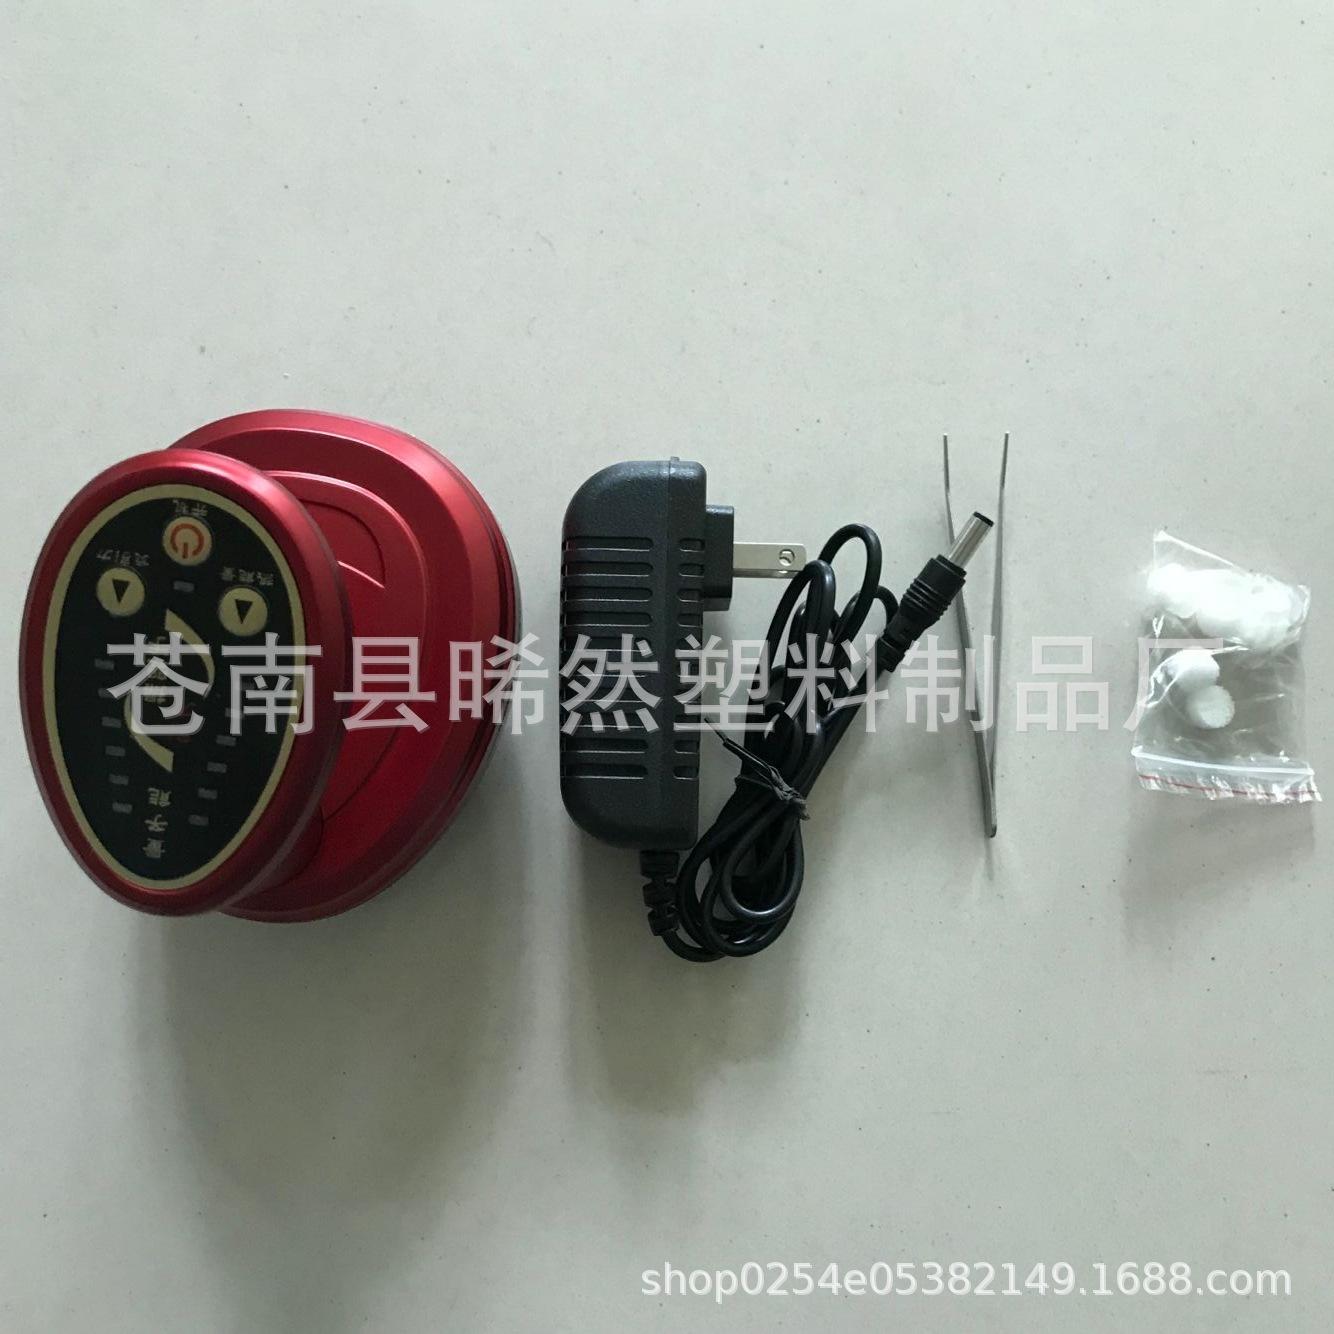 引力操盤手 發熱負壓經絡吸痧刮痧儀 磁療排酸養生美容電動按摩器